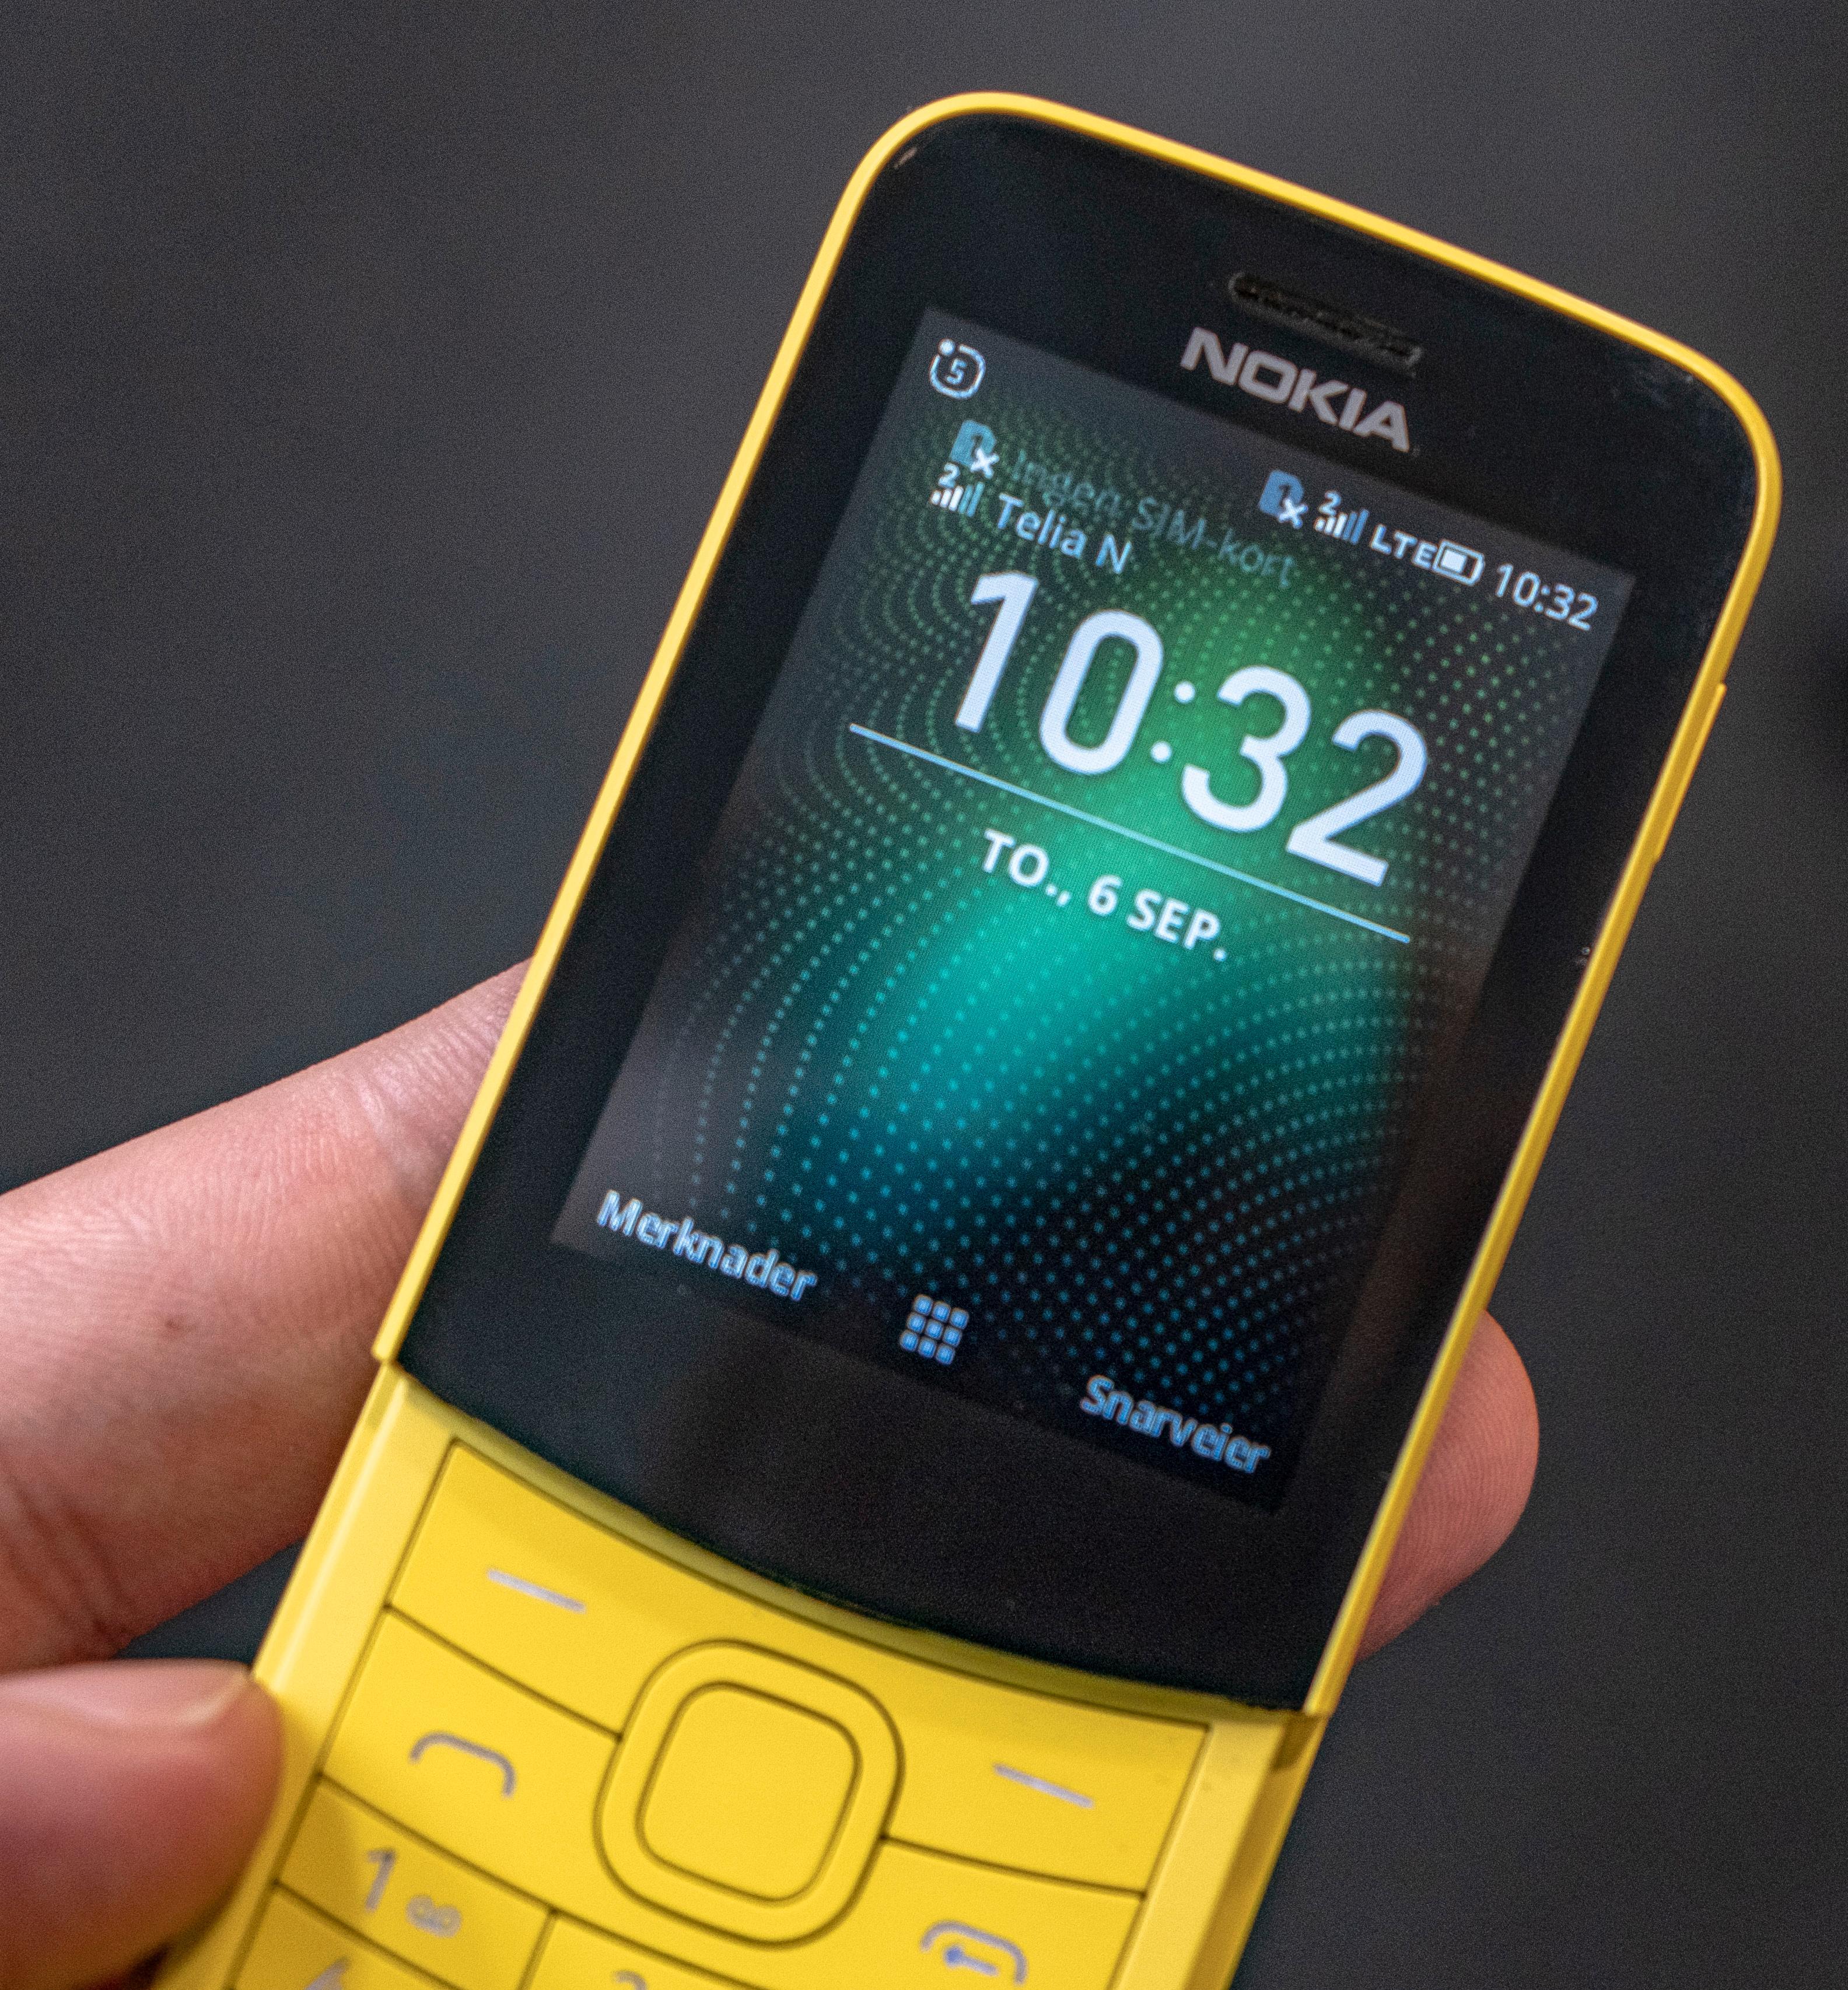 Slik ser hjemmeskjermen ut på 8110 4G. Den ser tilforlatelig ut som en av Nokias gamle knappofoner, men her er det et langt mer komplekst operativsystem som kjører – uten at du får særlig nytte igjen for det.